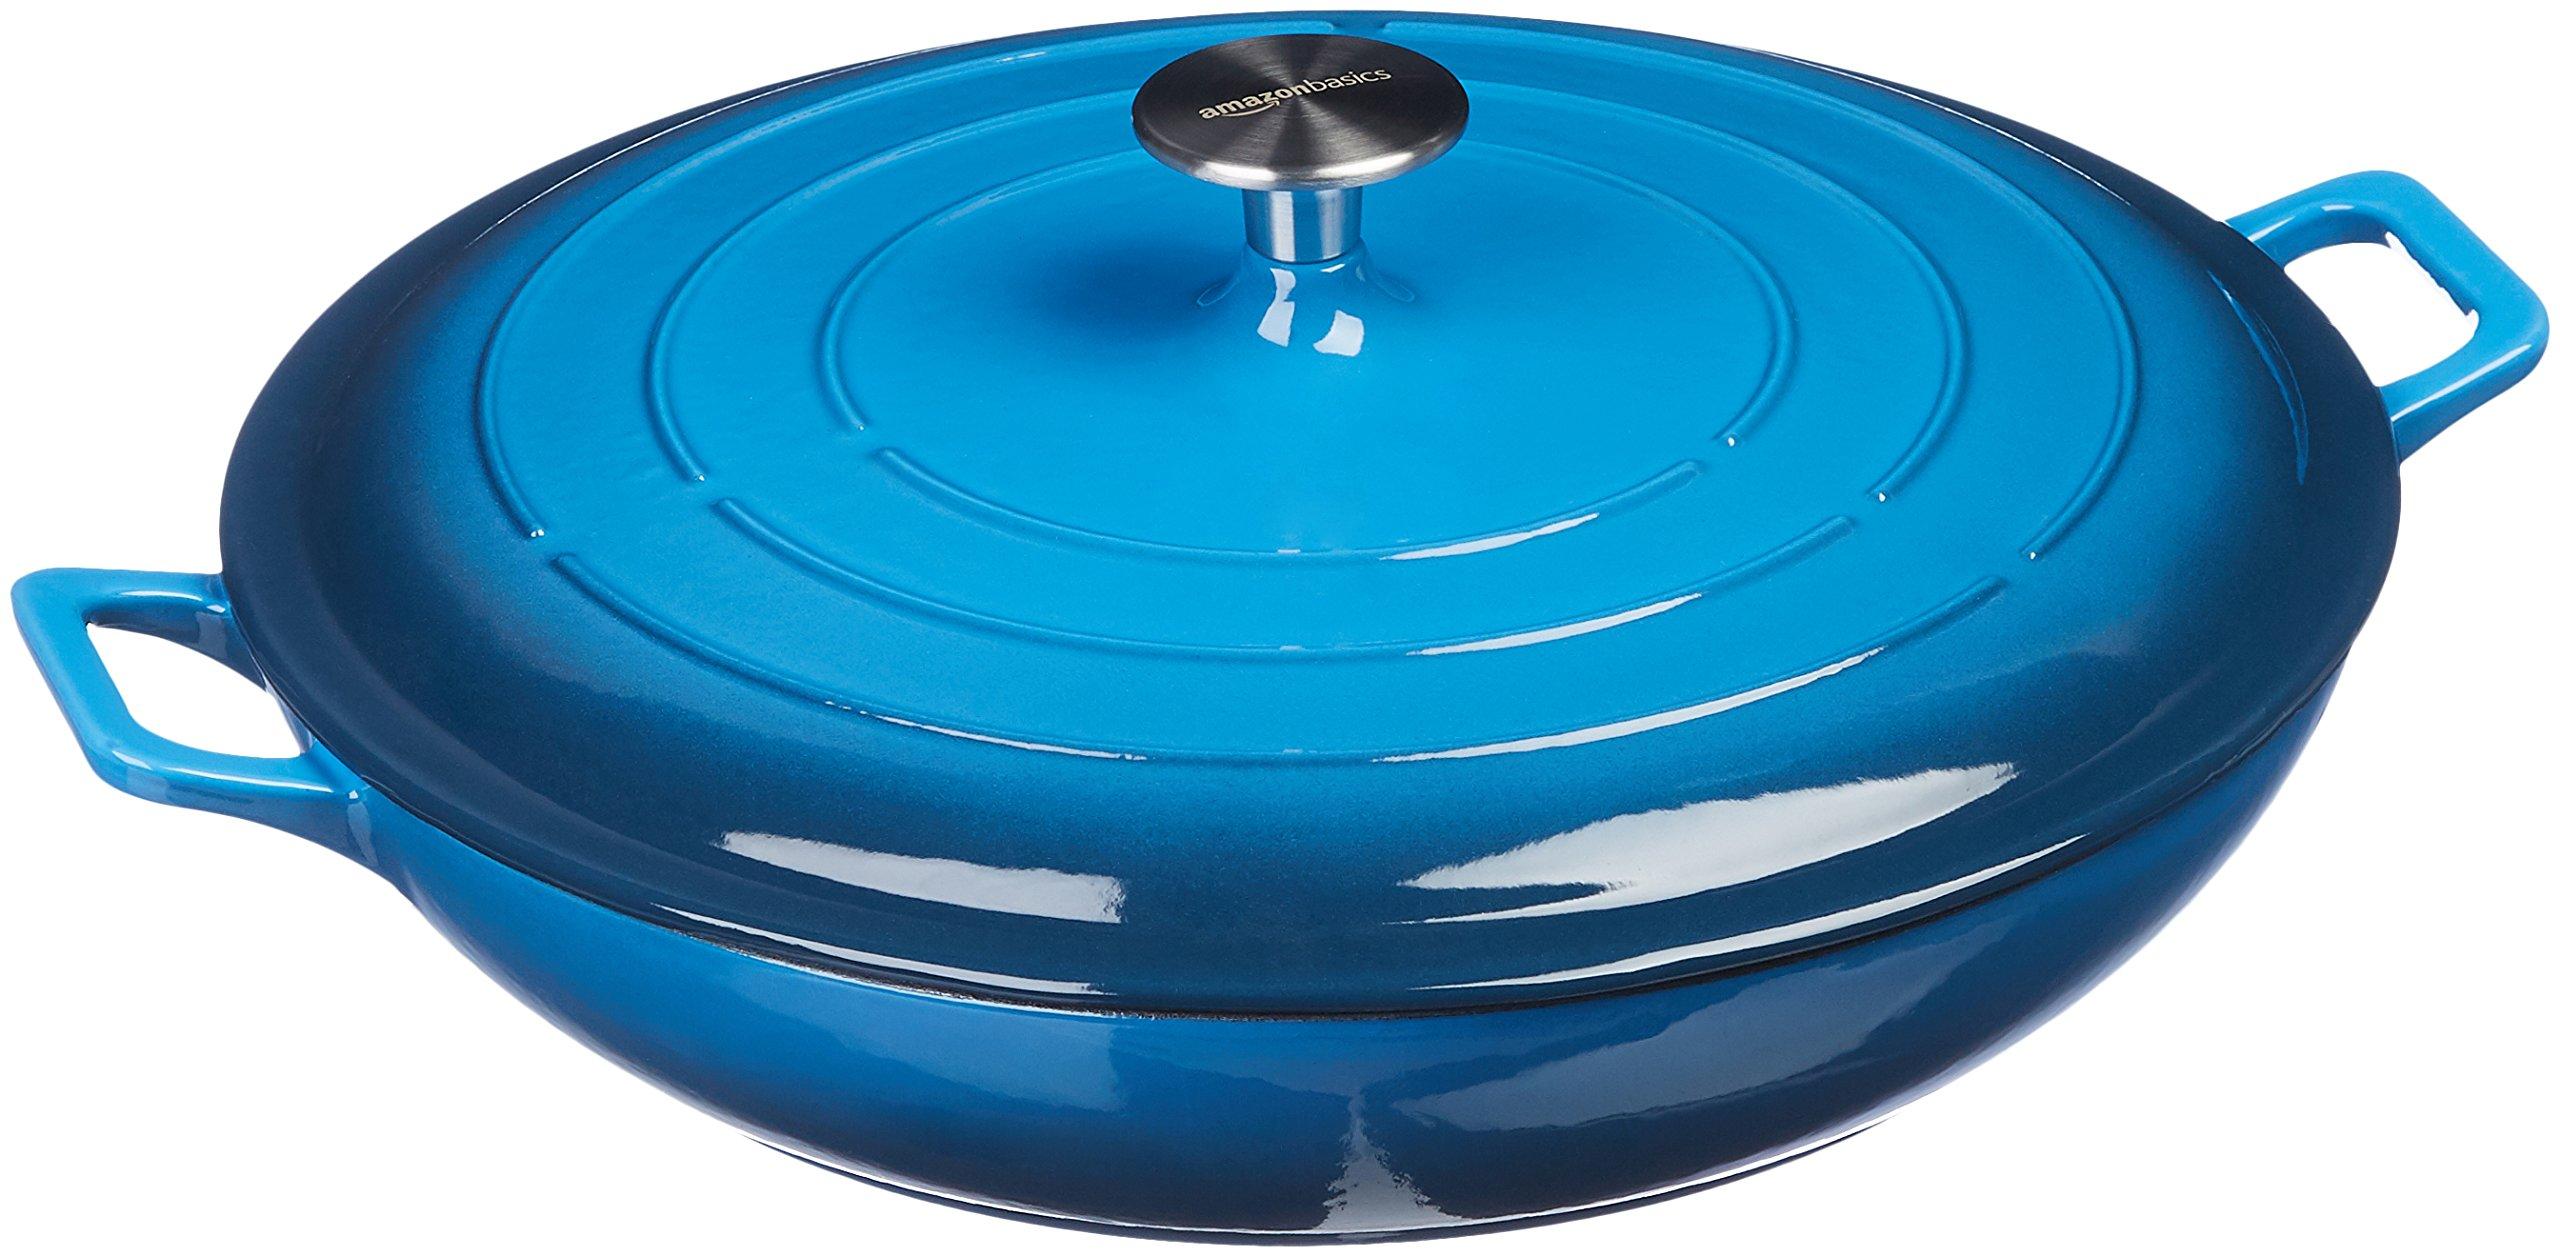 AmazonBasics Enameled Cast Iron Covered Casserole Skillet, 3.3-Quart, Blue